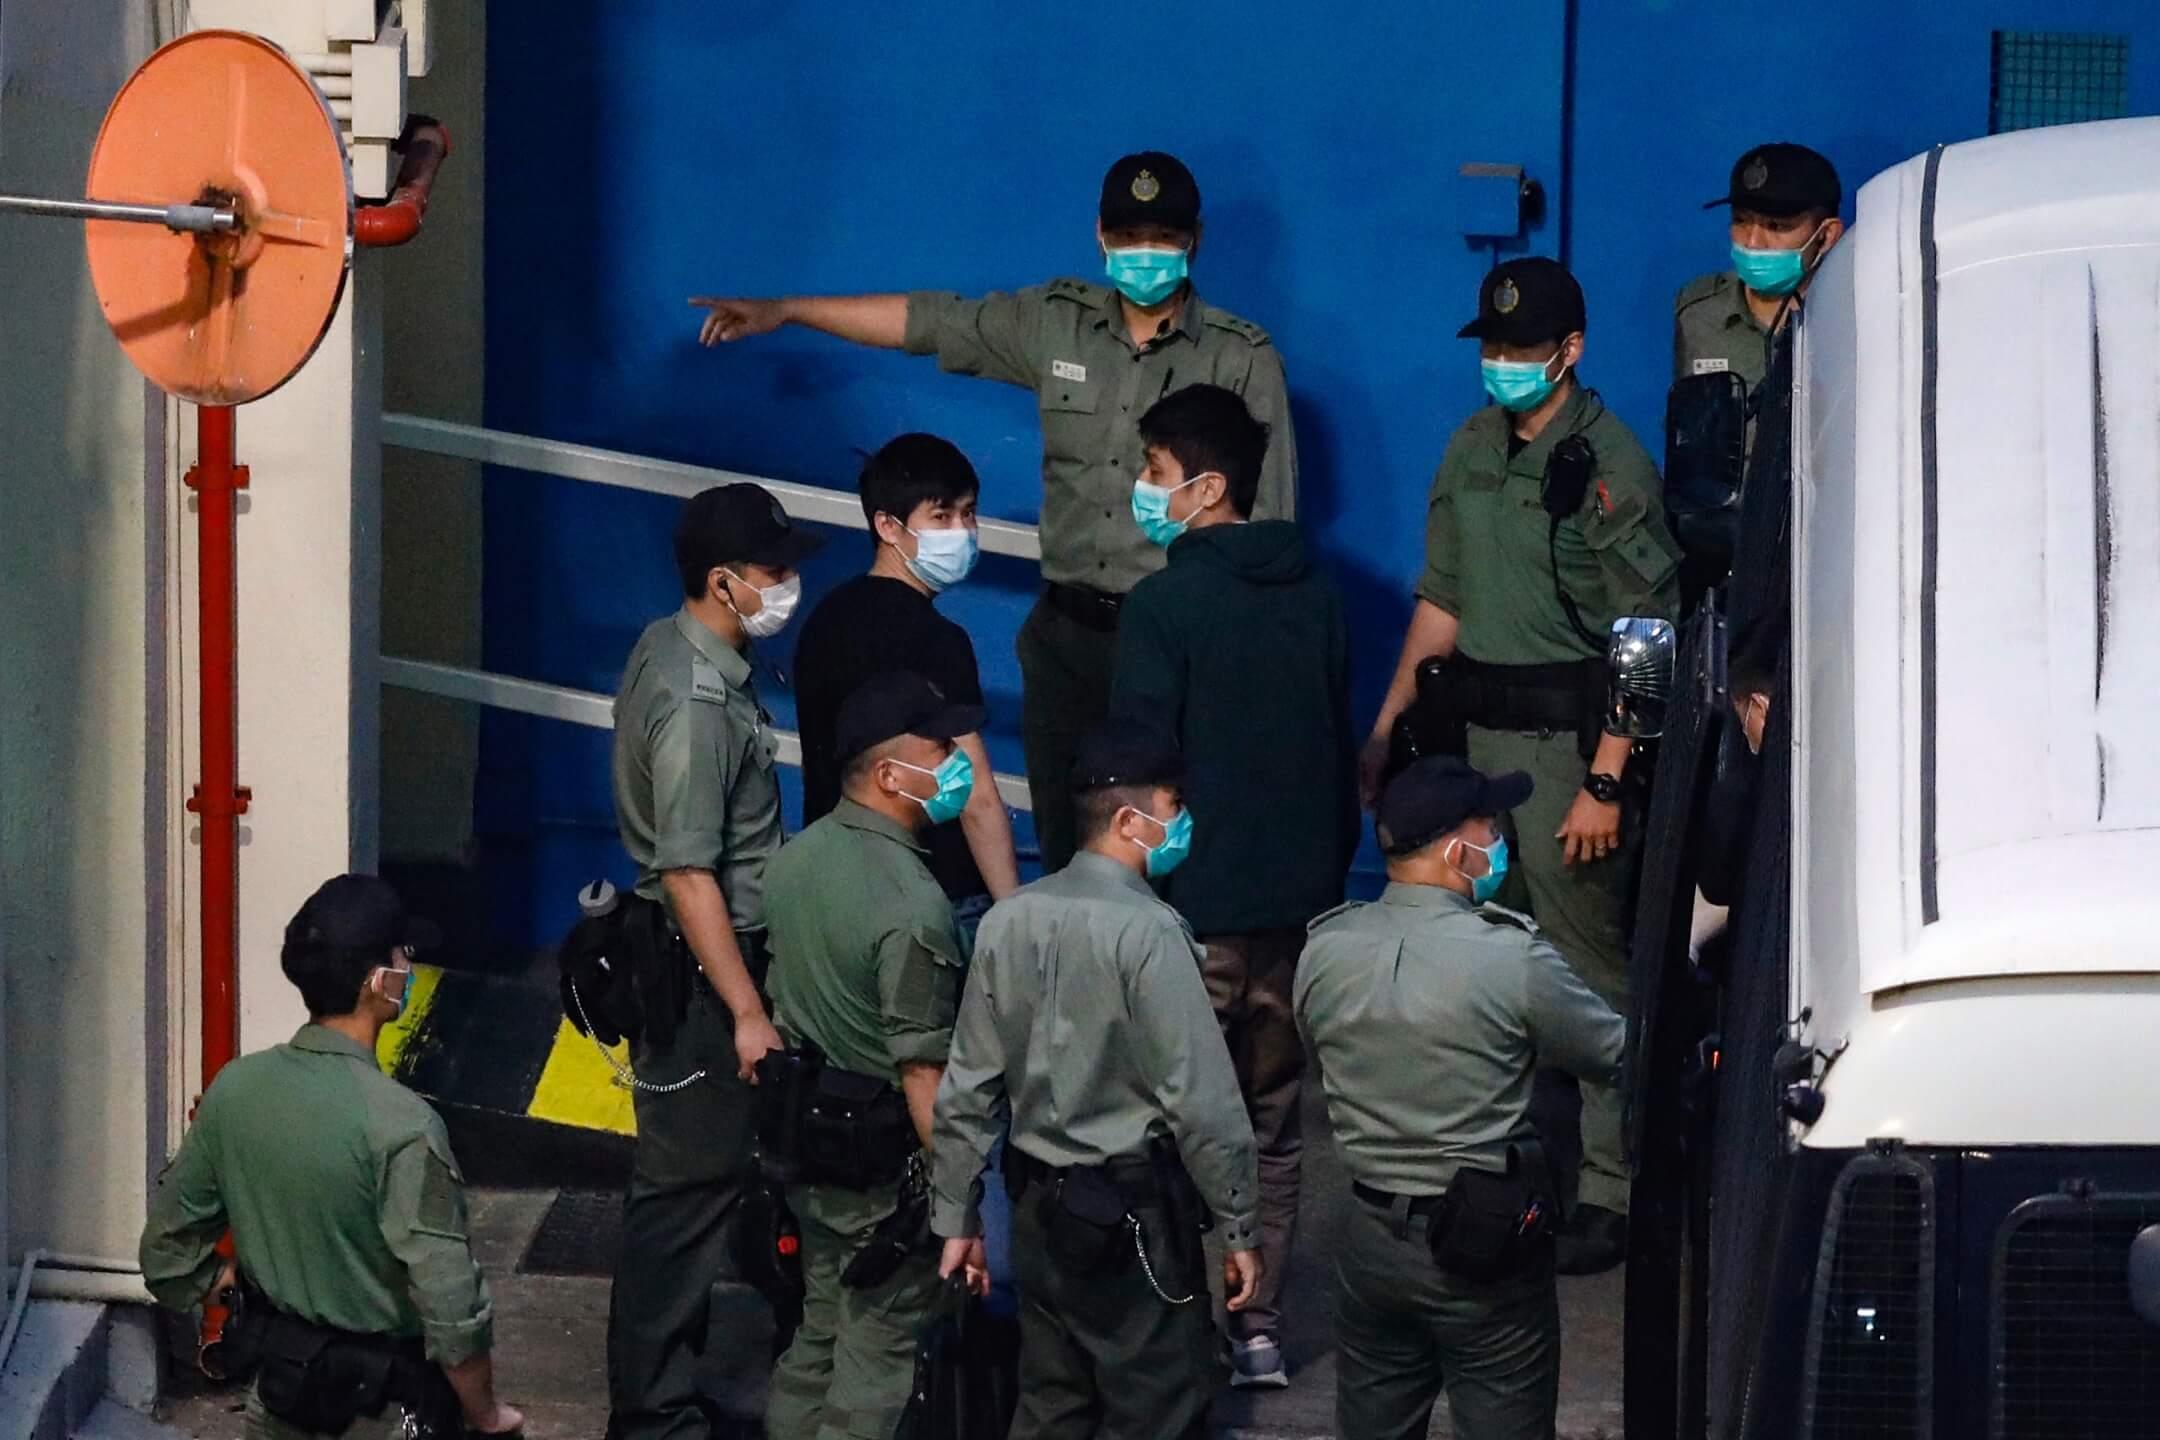 2021年3月2日凌晨6時40分,區議員岑敖暉和鄒家成被押解到荔枝角收押所。